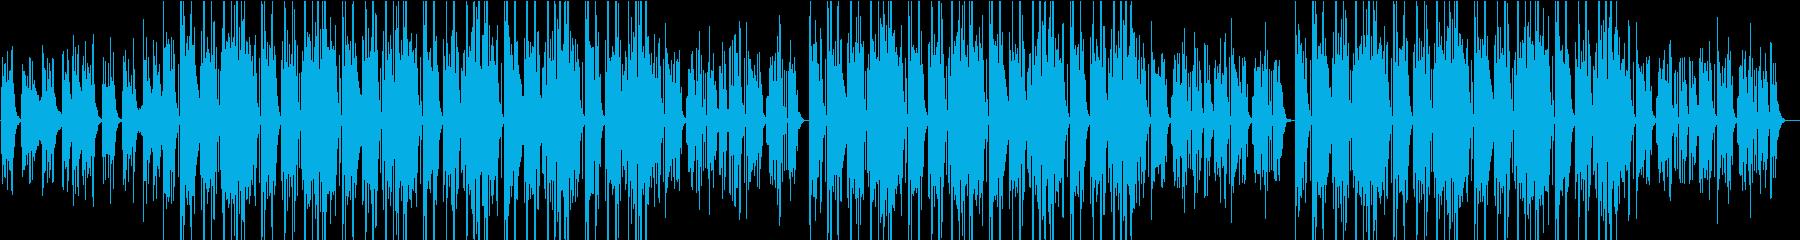 【R&B】アリアナグランデのようなBGMの再生済みの波形